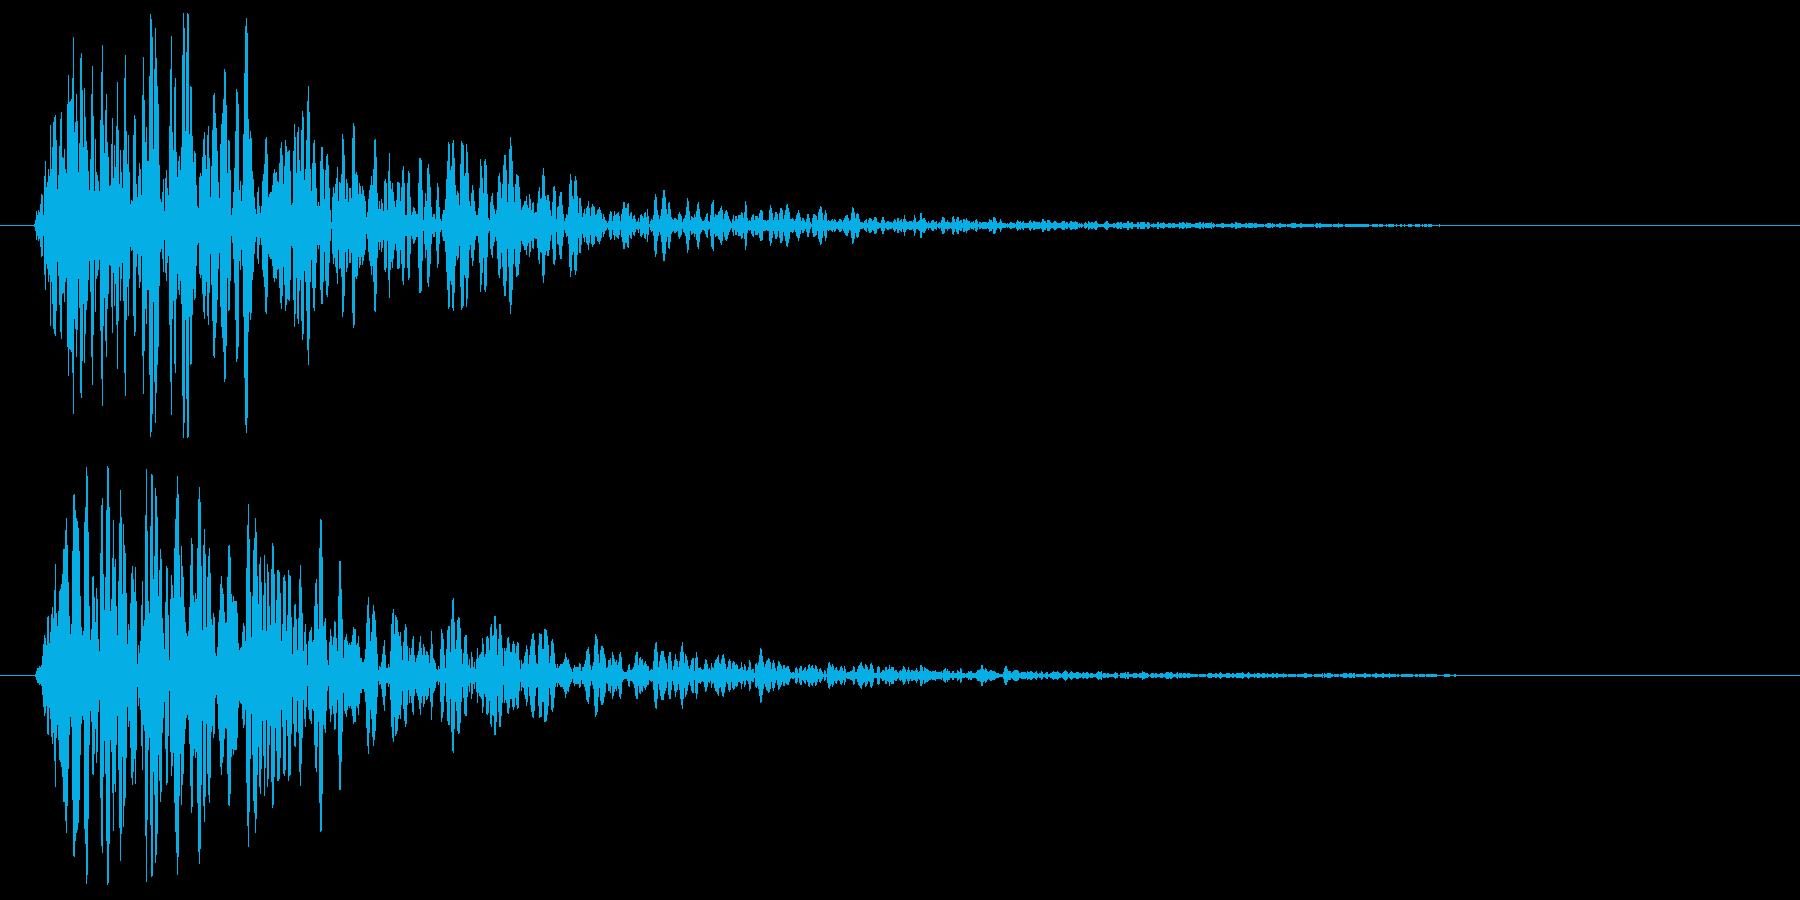 バン(ガンを発射した時の音)の再生済みの波形